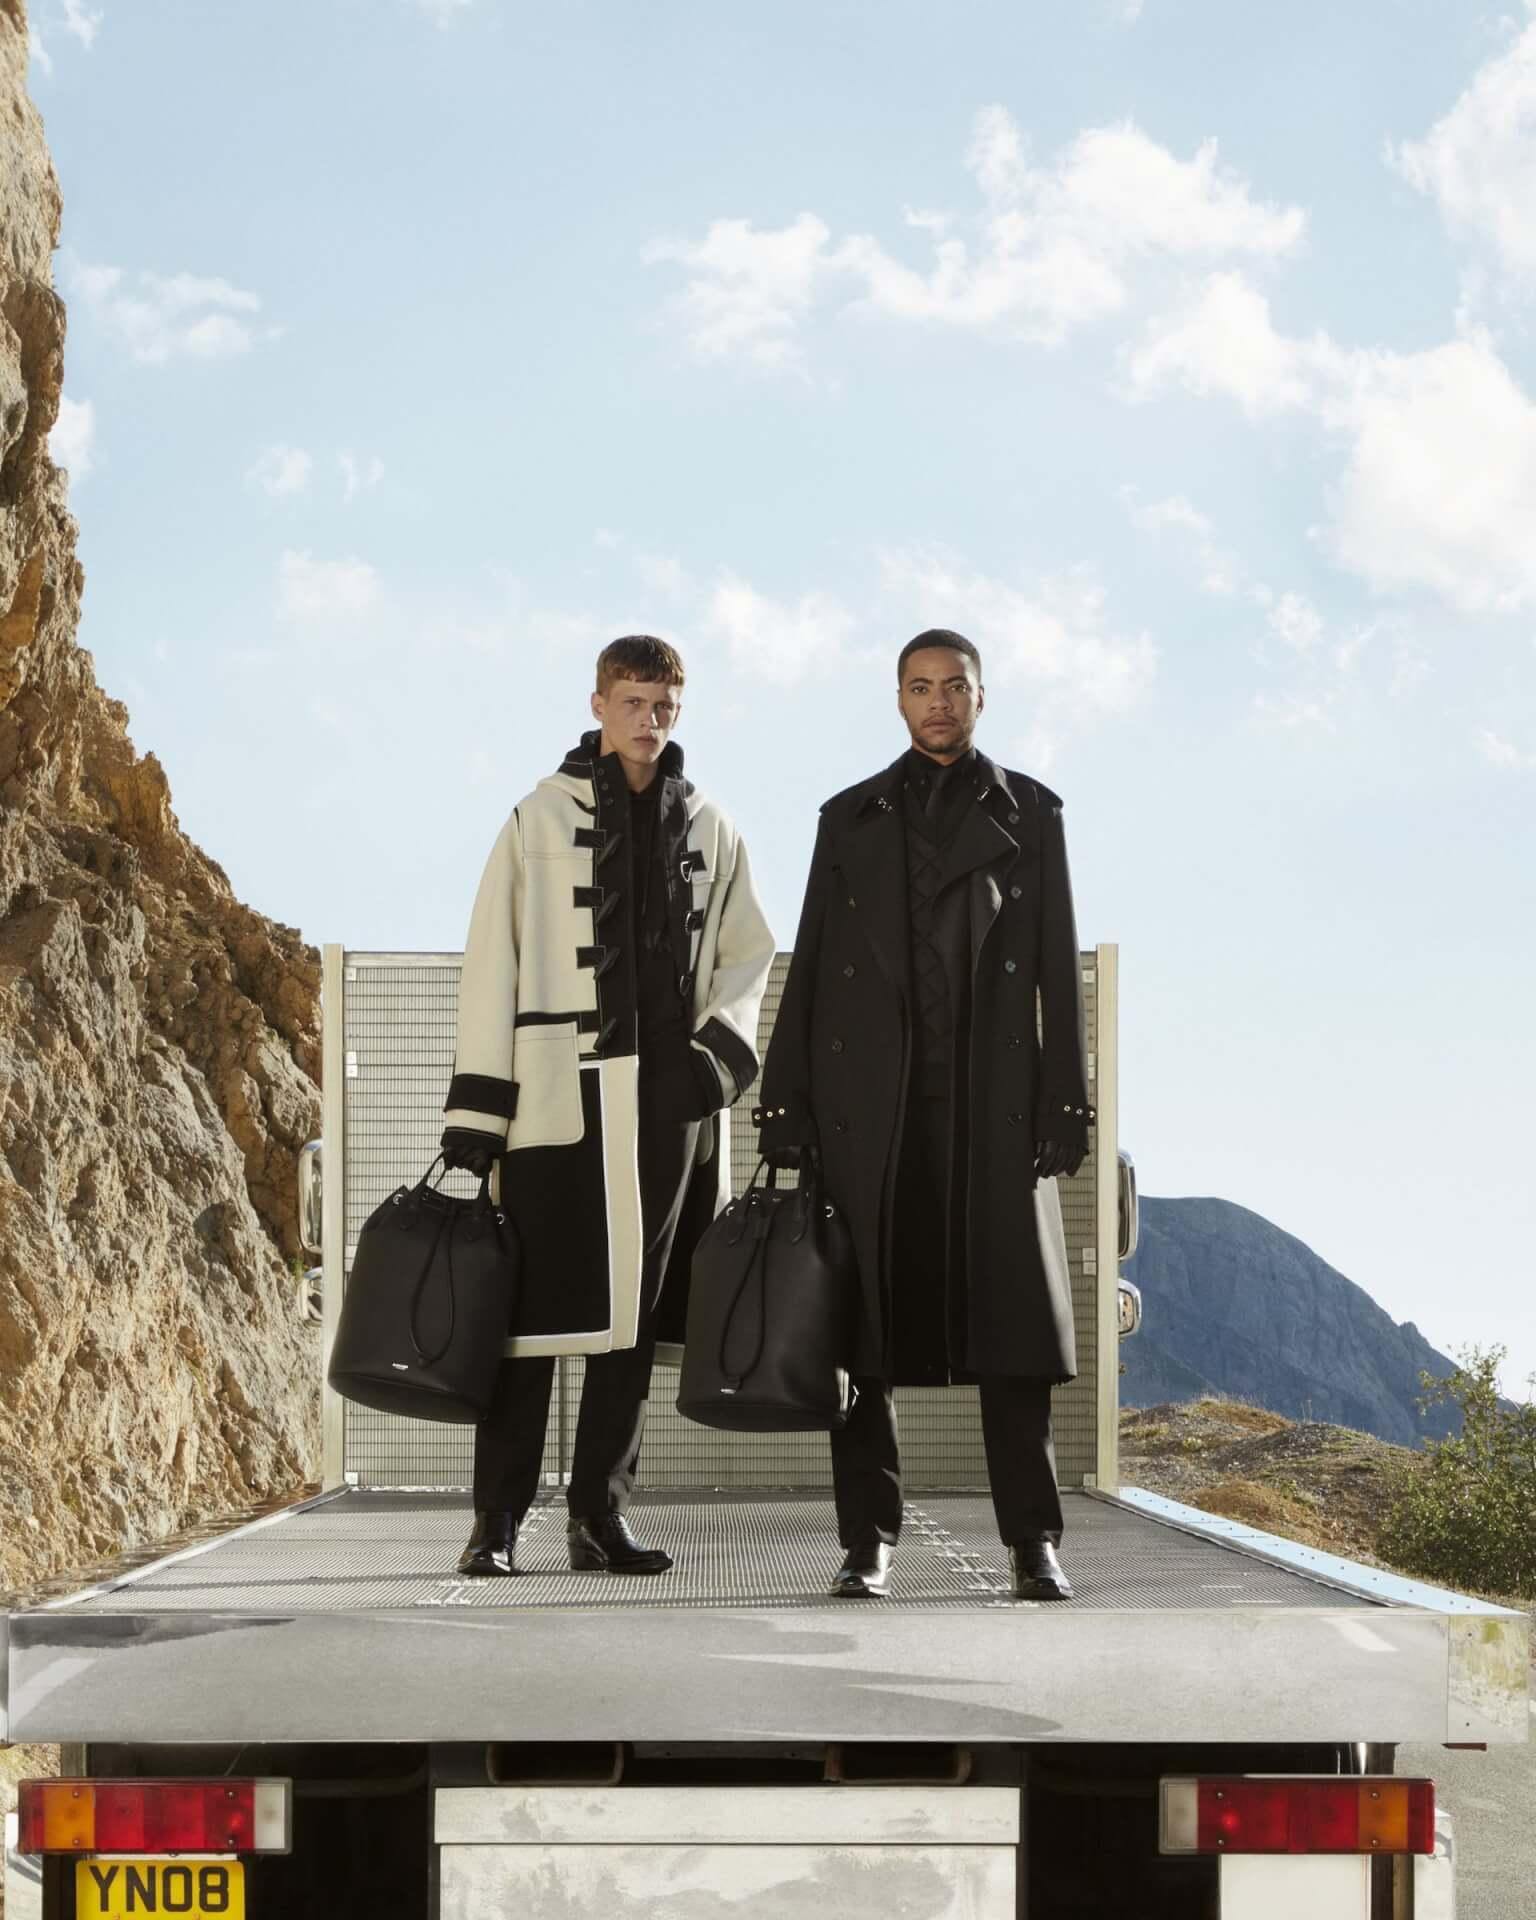 バーバリー2020年秋冬コレクションのキャンペーンが公開!マリアカルラ・ボスコーノやモナ・トゥガードらを起用 fashion2020924-Burberry4